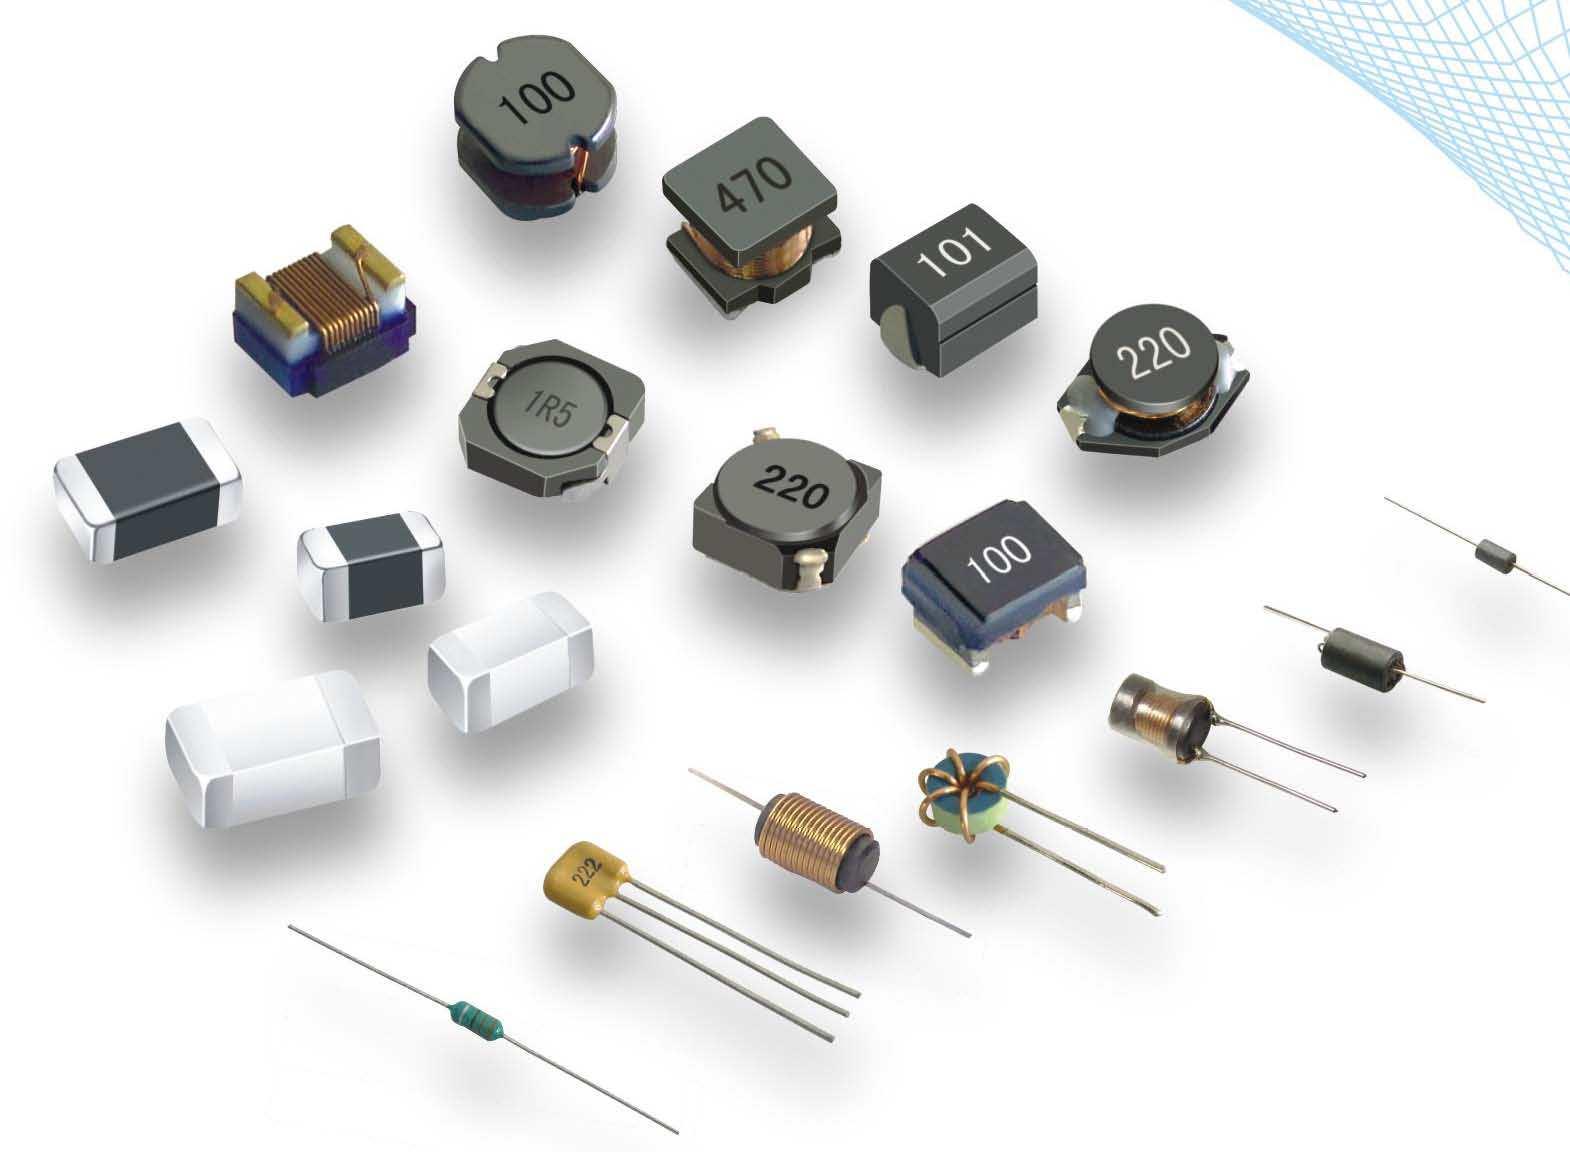 影响绕线电感的电子元器件 你知道吗